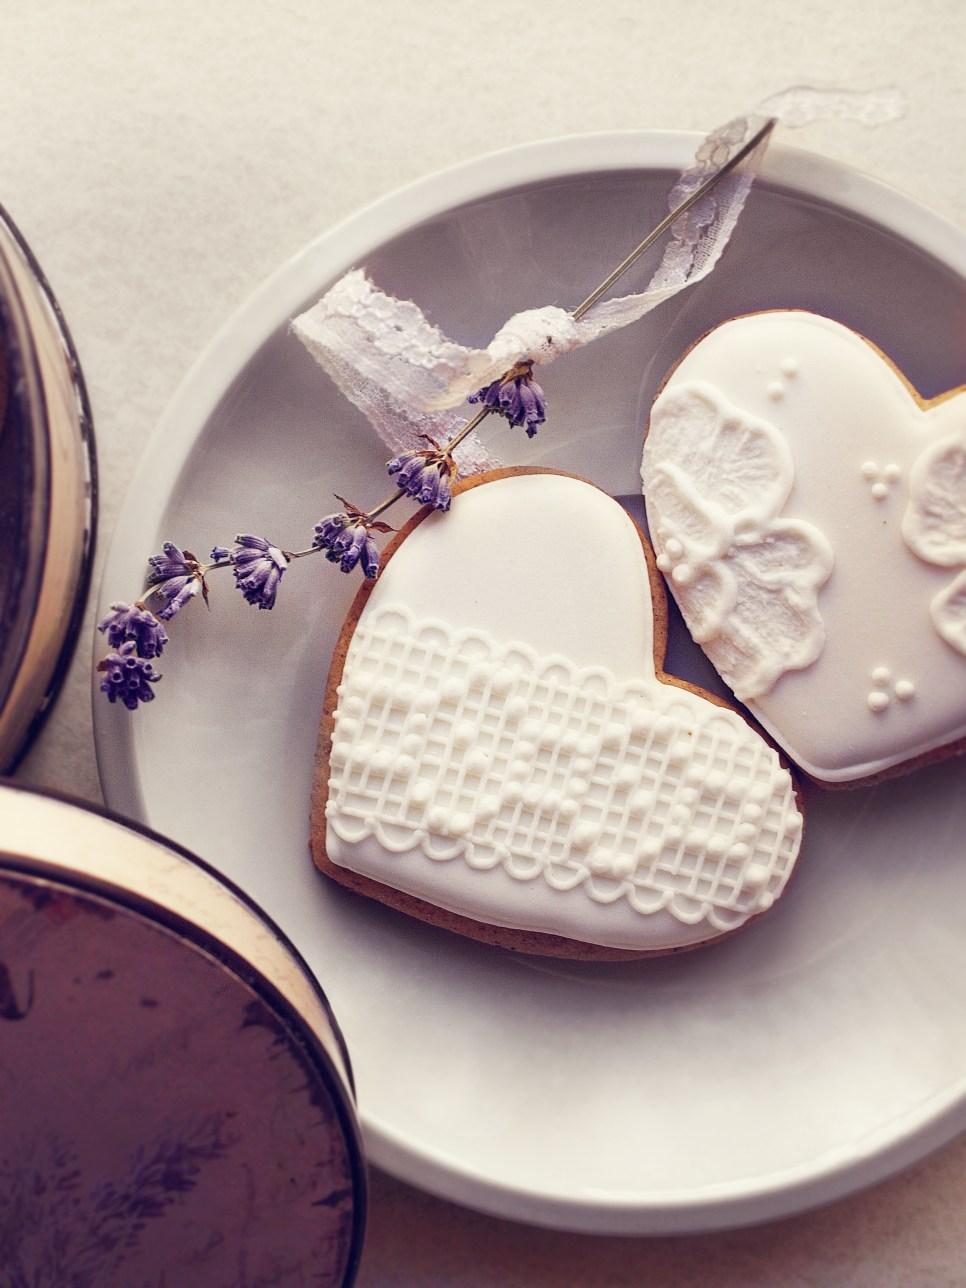 Jedan-frajer-i-bidermajer-kolaci-za-vencanje-poklon-za-goste-cipka-srce.jpg